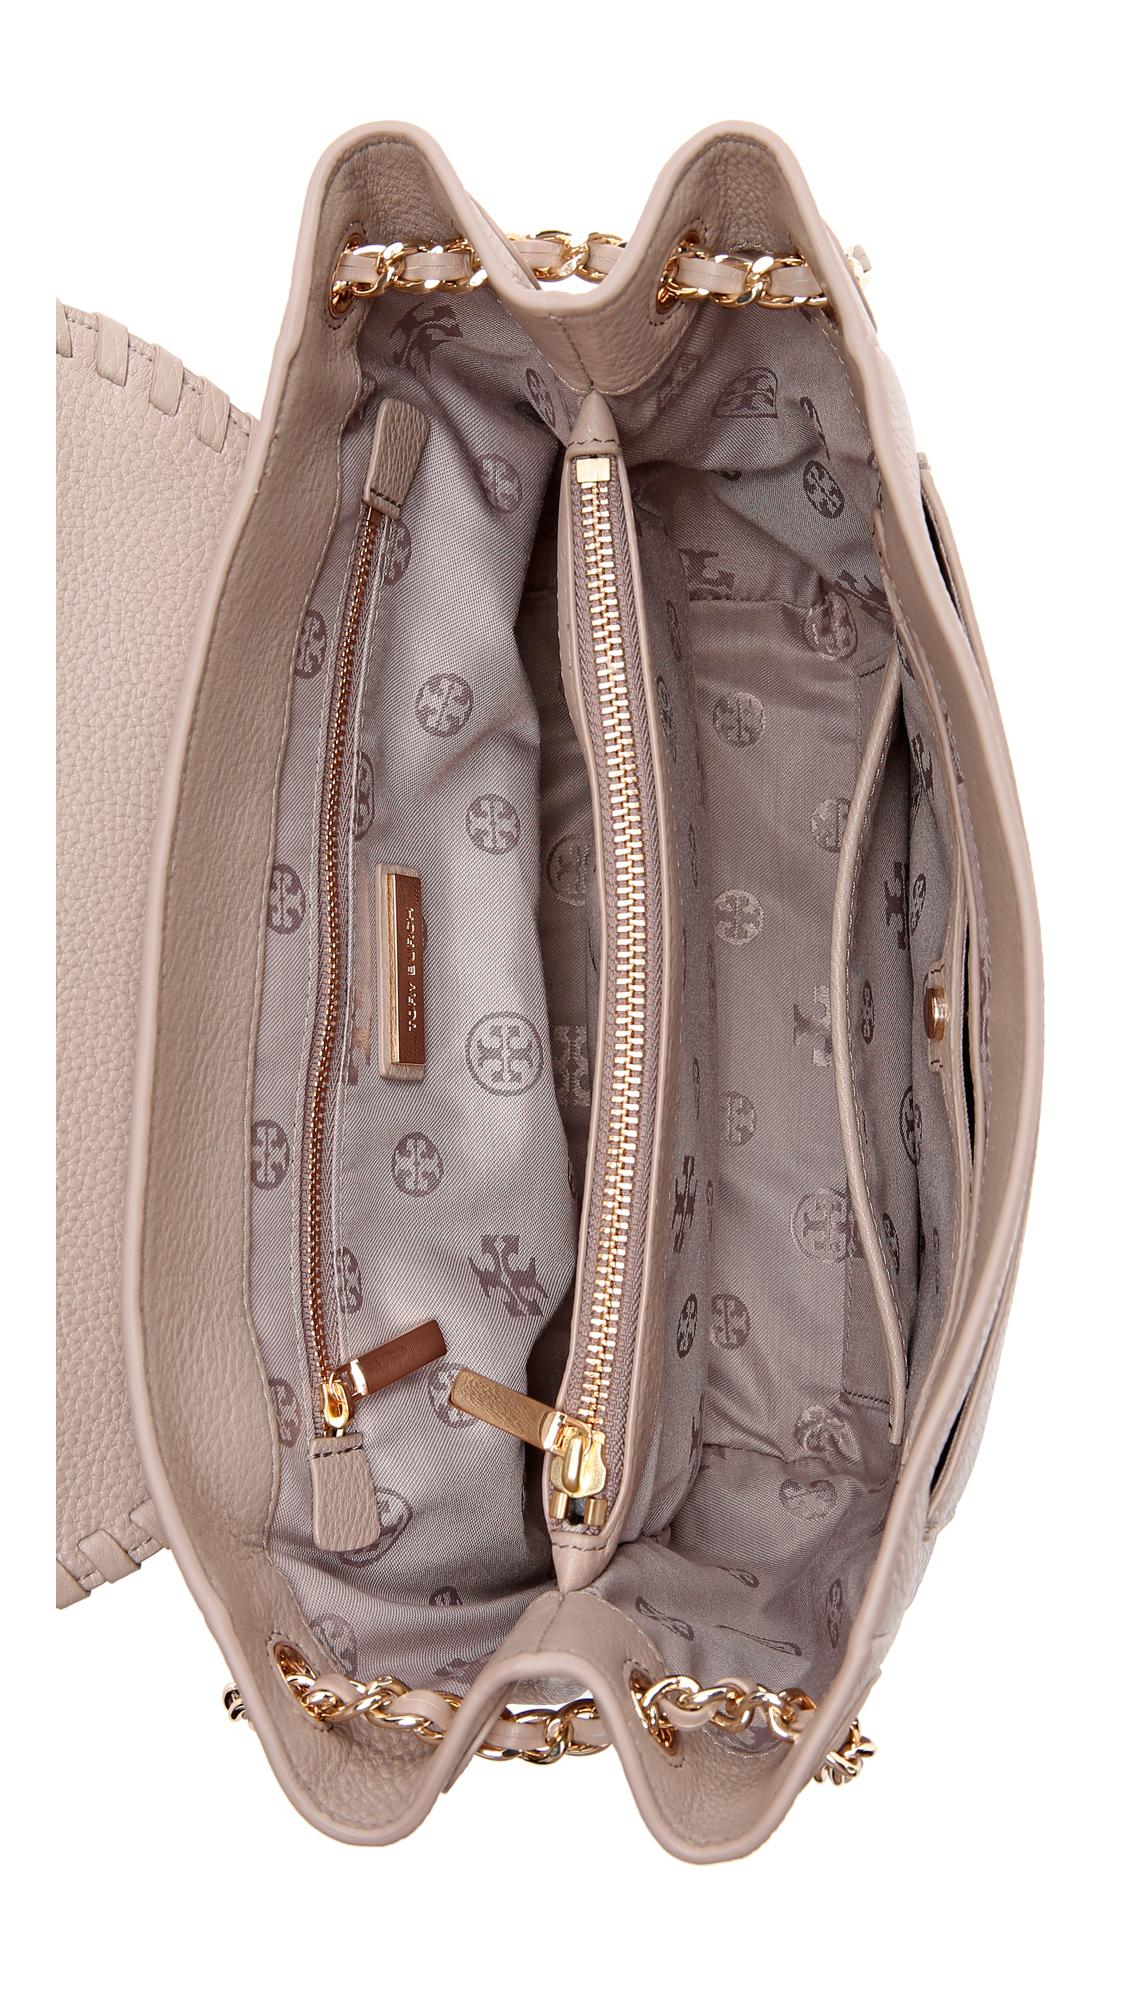 d7f79d341c62e Tory Burch Marion Small Flap Shoulder Bag